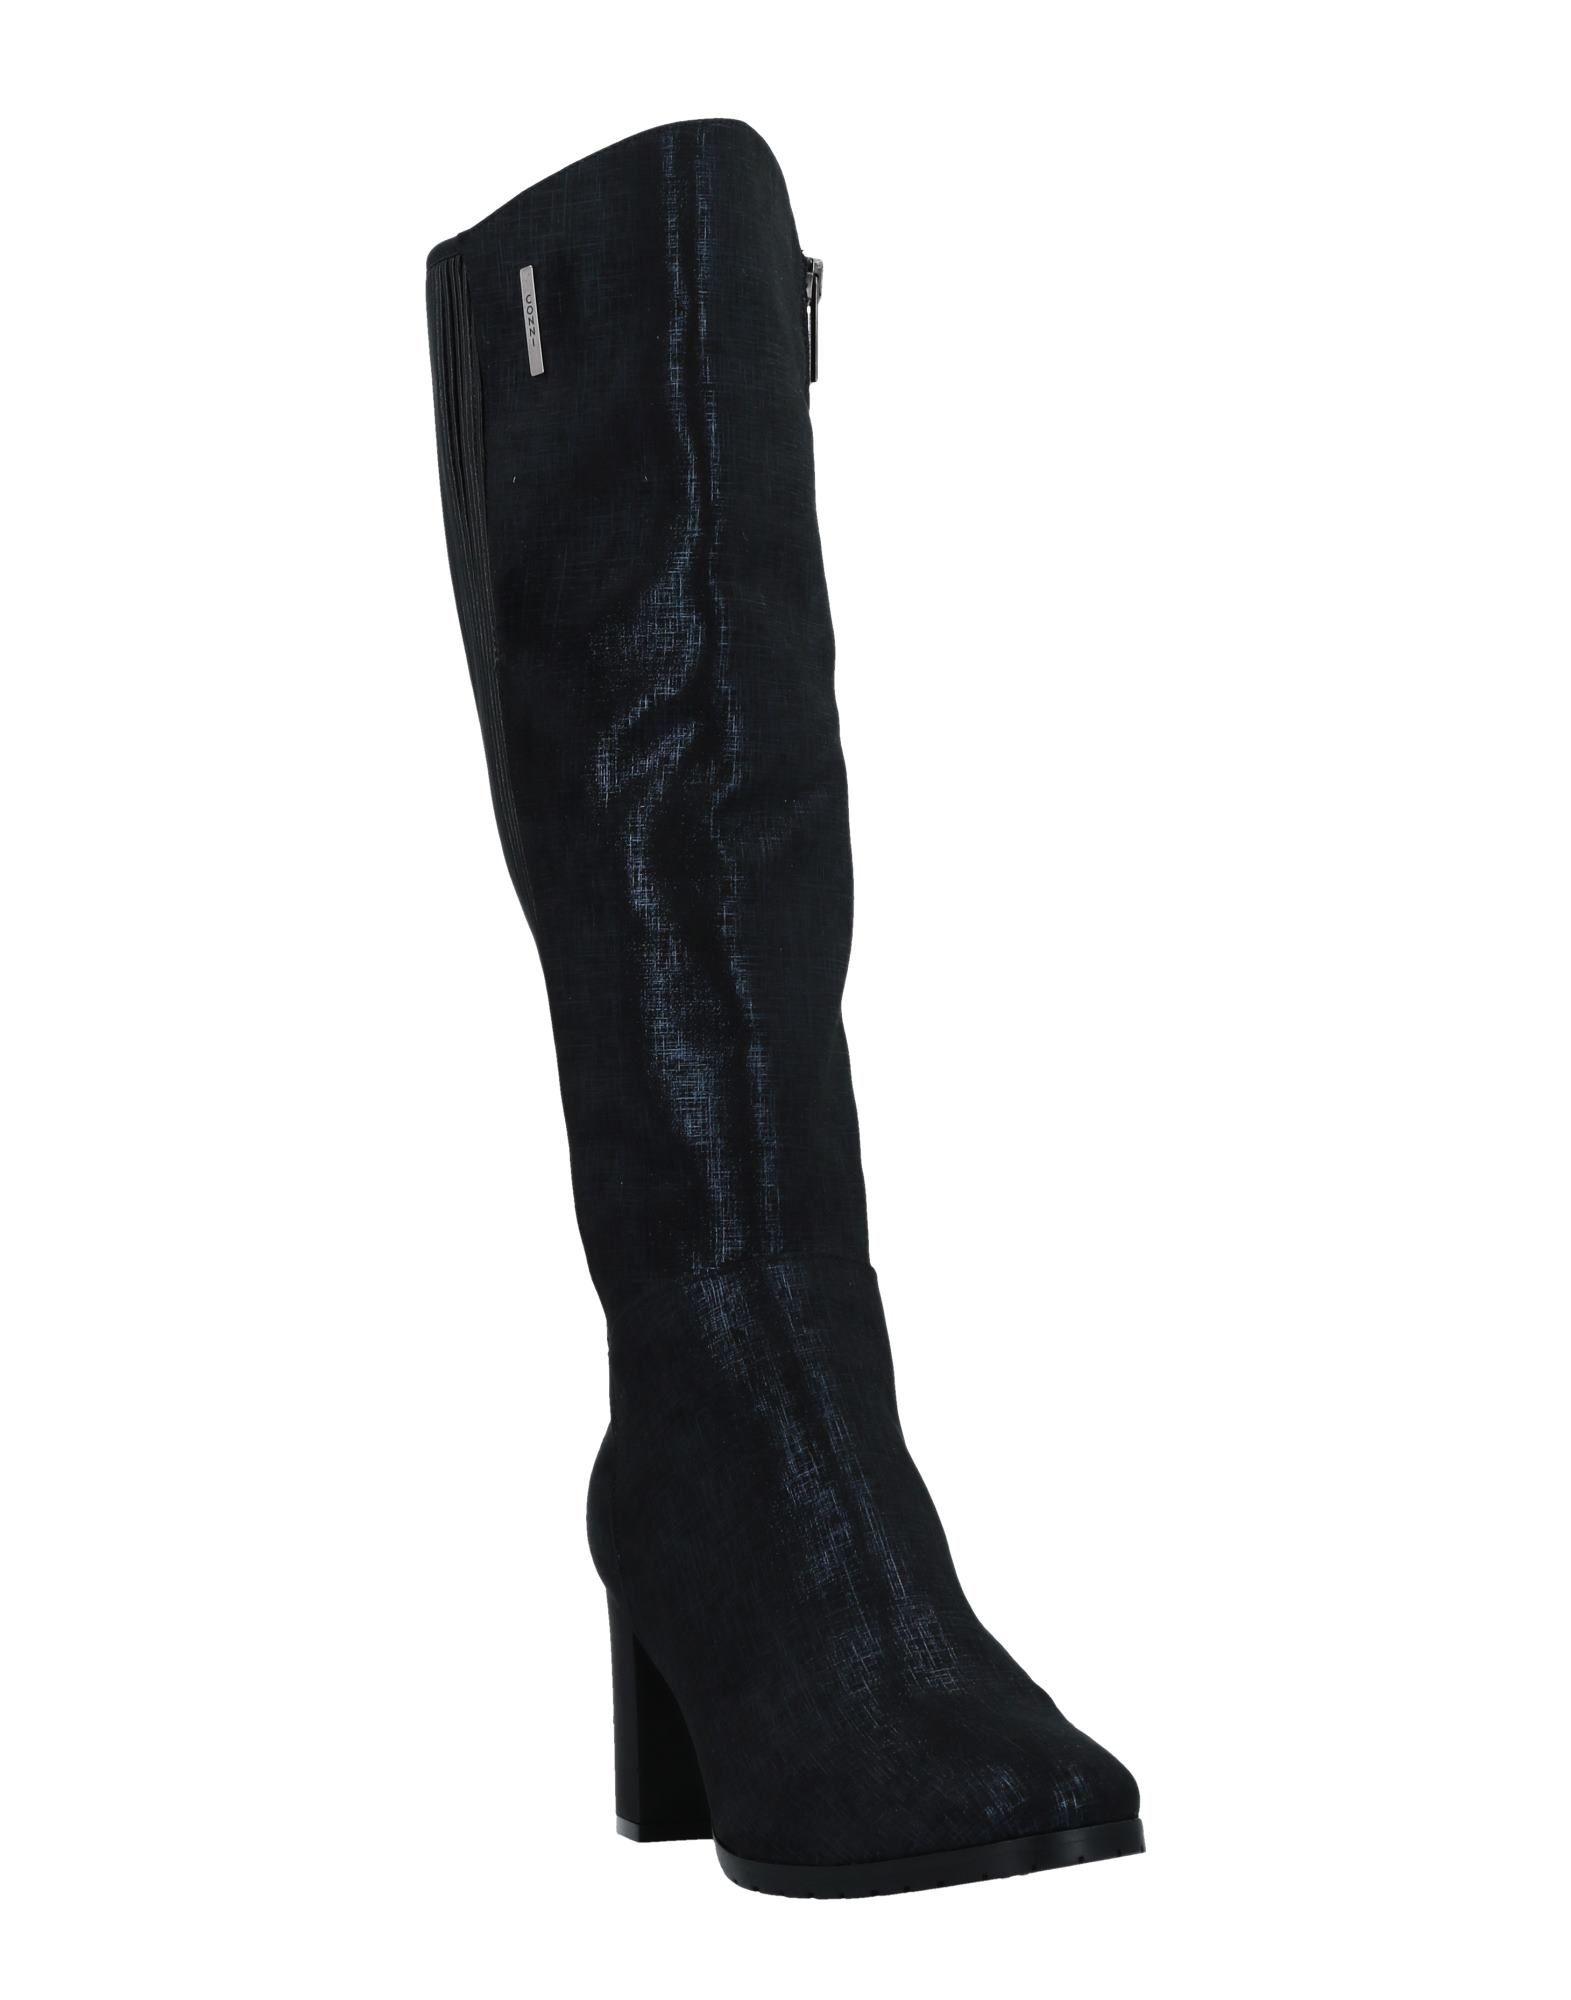 Conni Stiefel Damen  11517537VS Heiße Heiße 11517537VS Schuhe 8d2e77